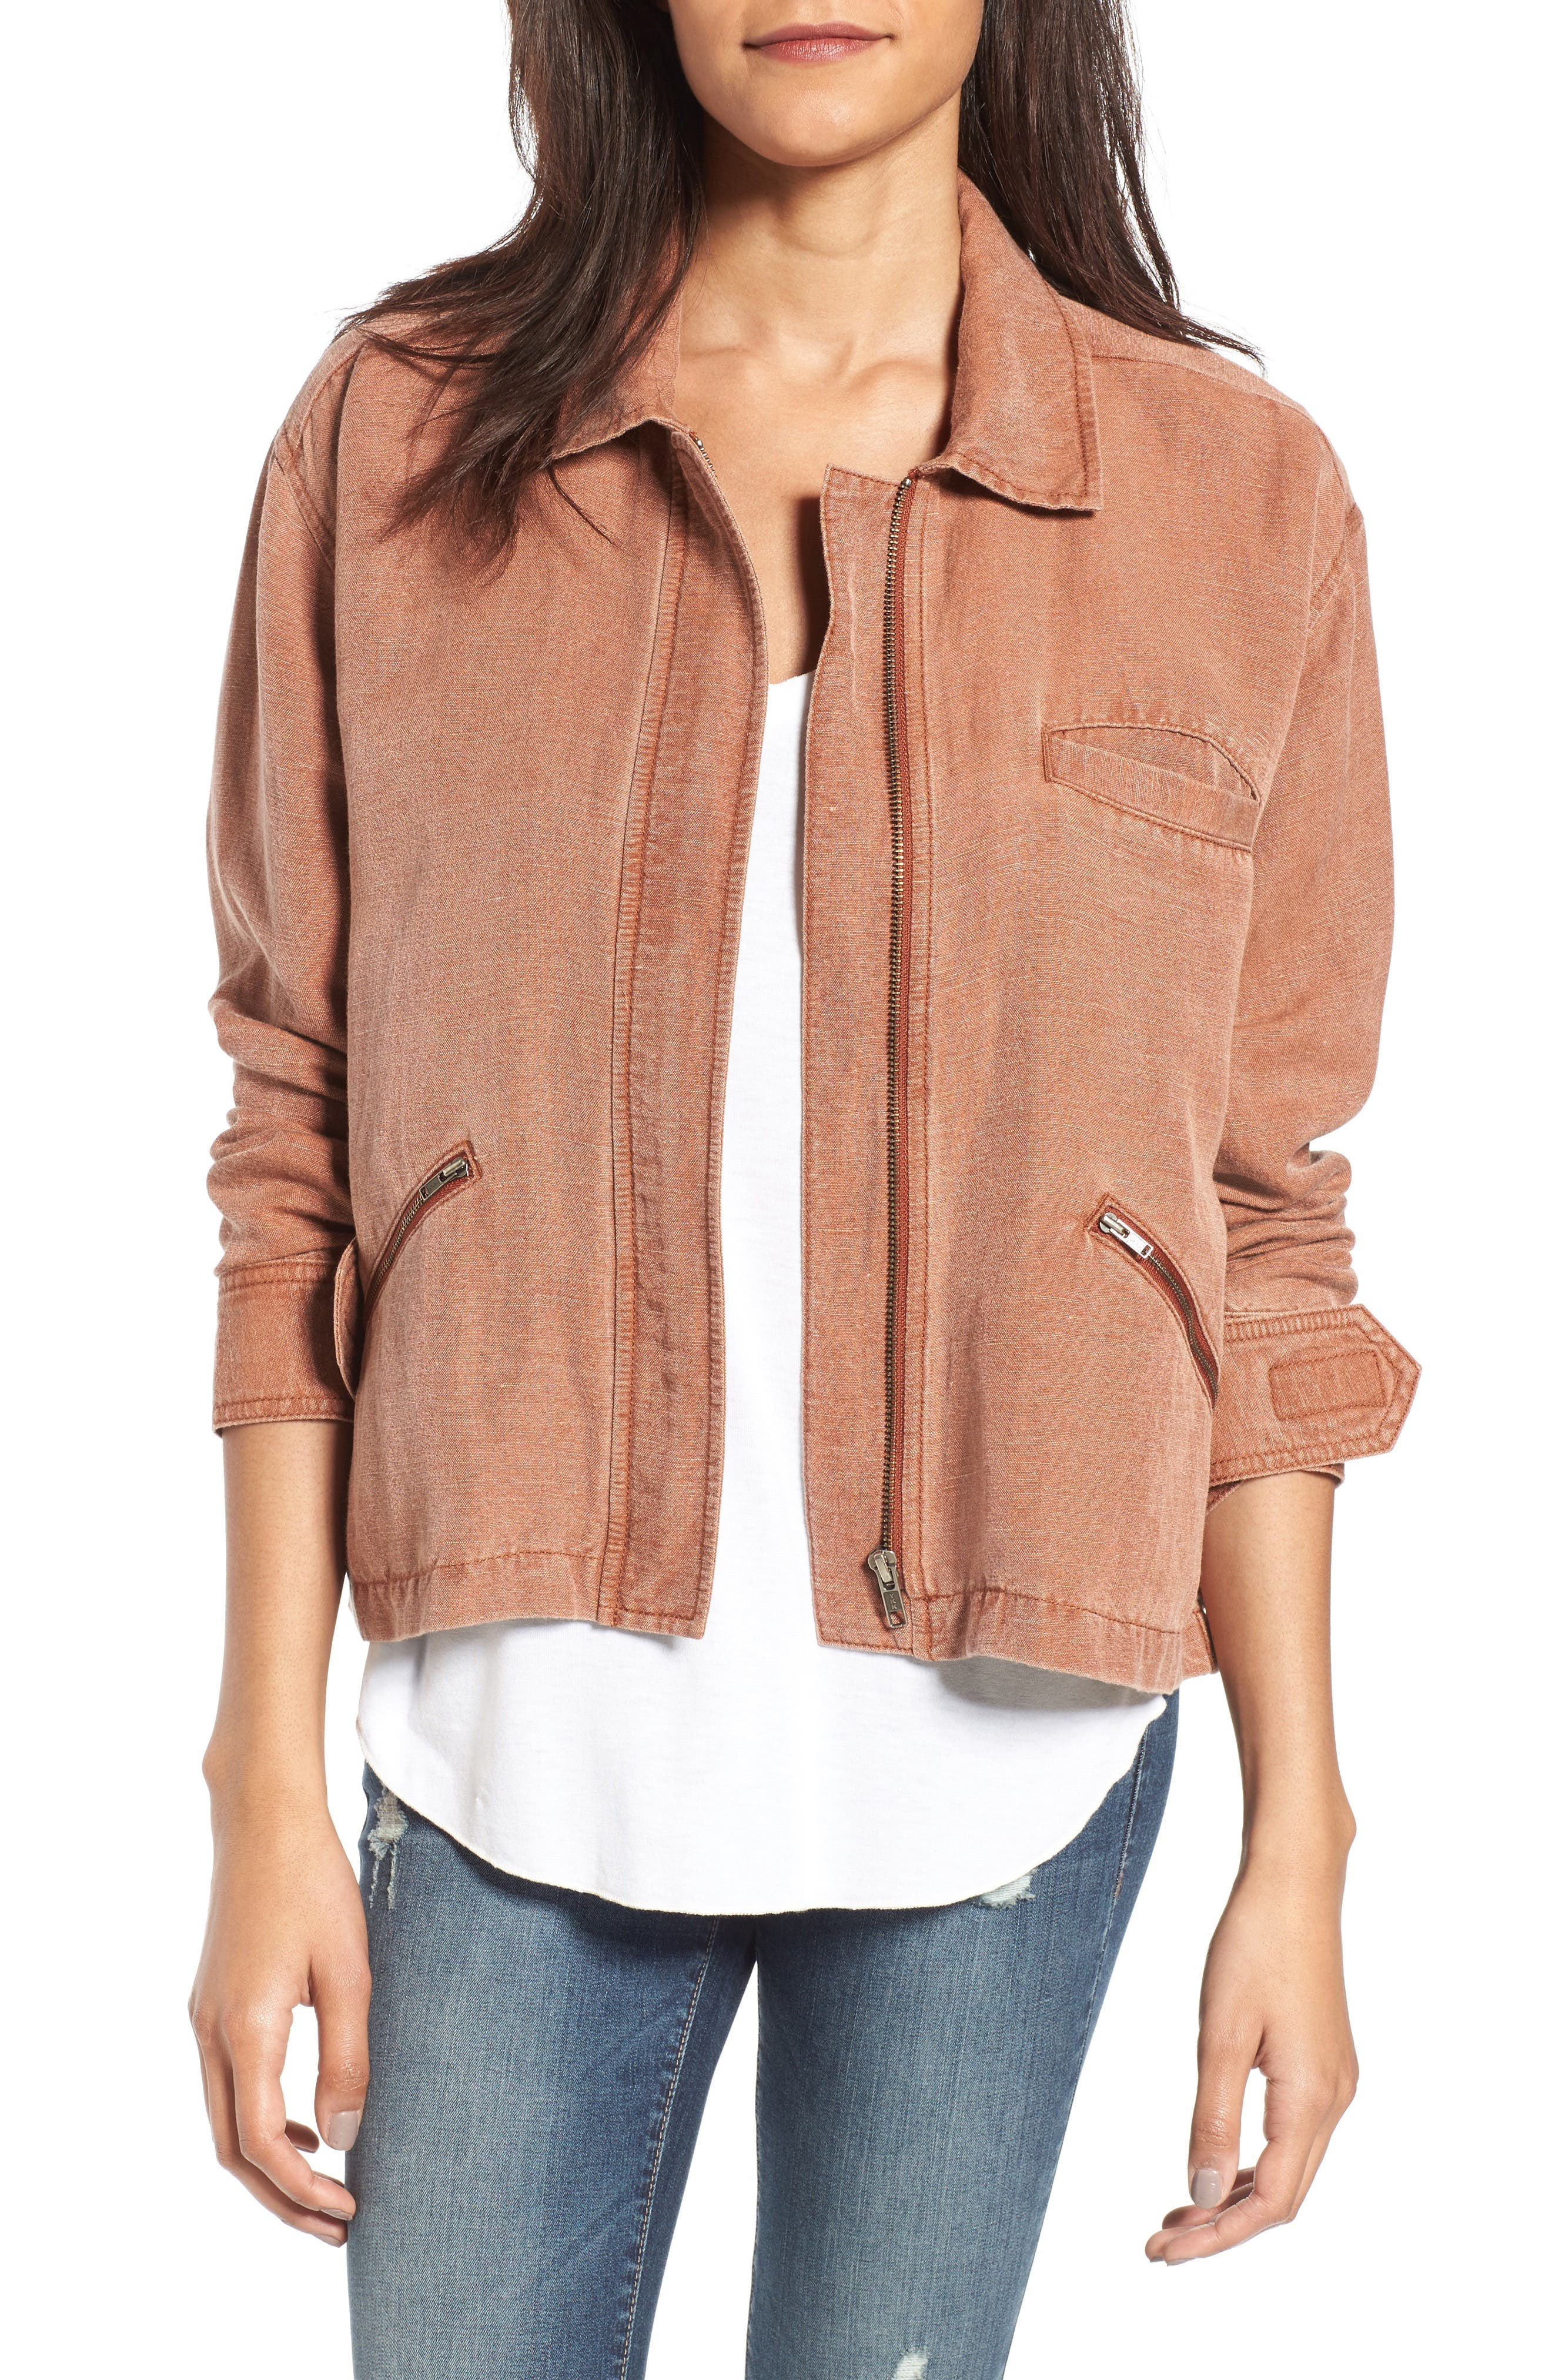 Alternate Image 1 Selected - BP. Washed Linen Blend Jacket